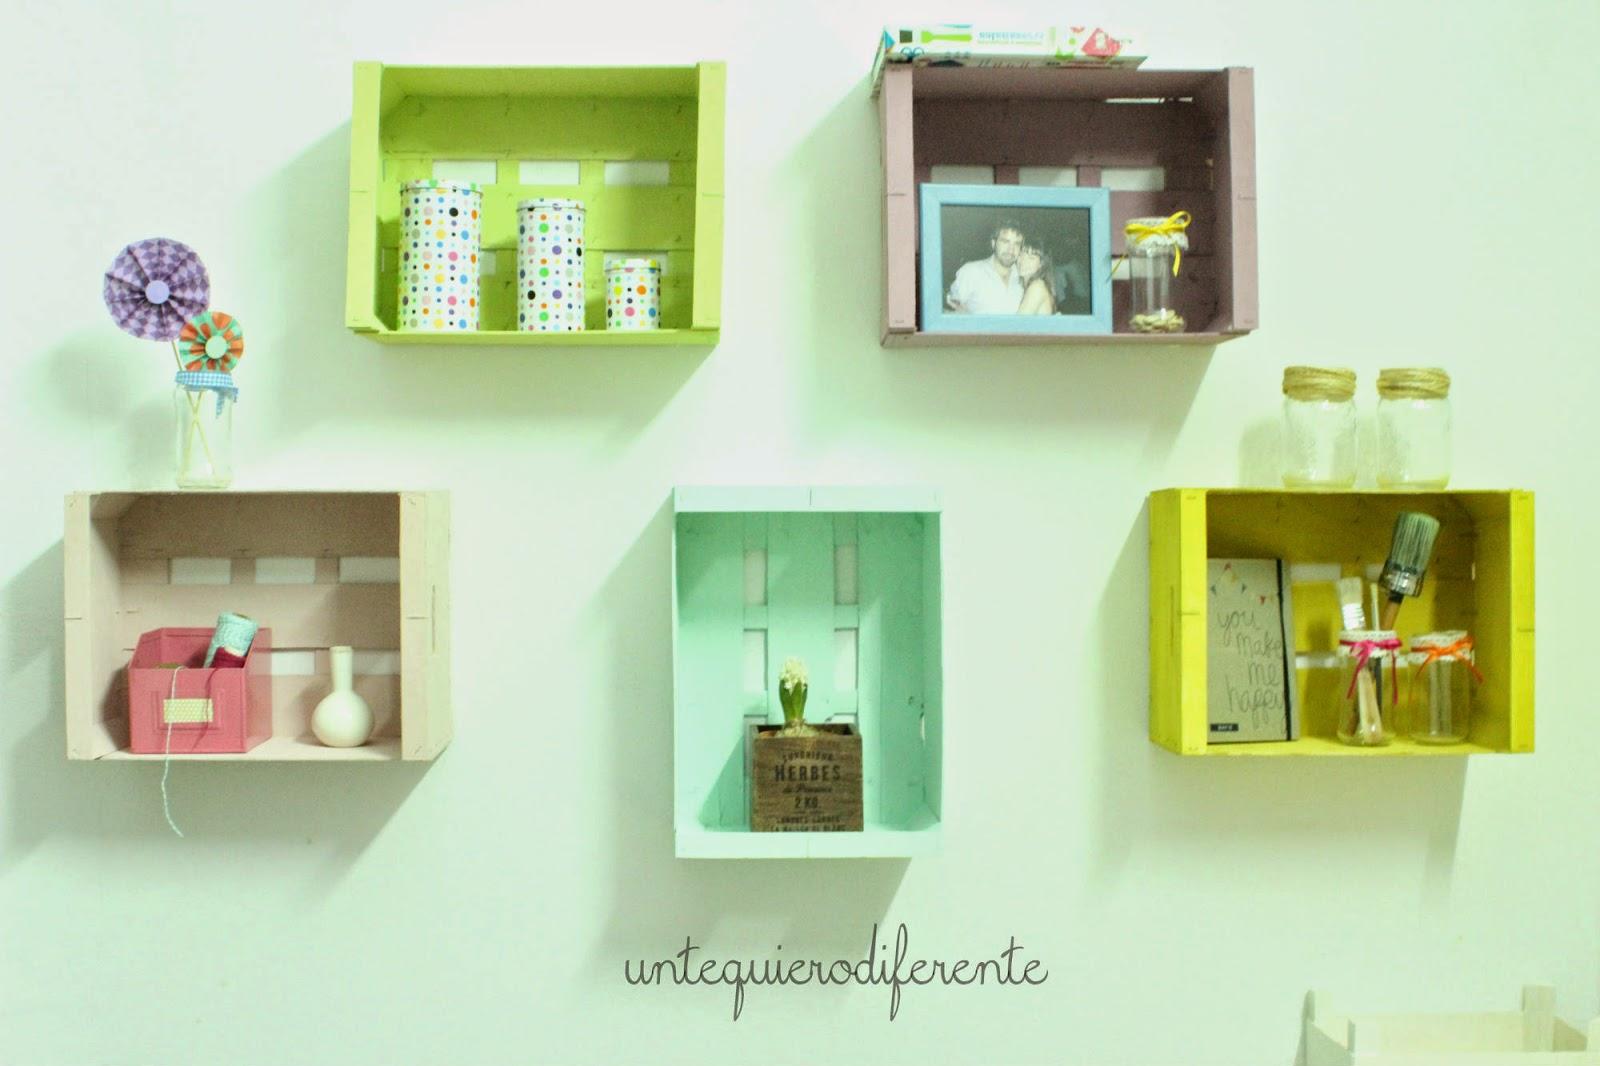 Un te quiero diferente: Decoración low cost: estanterías con cajas